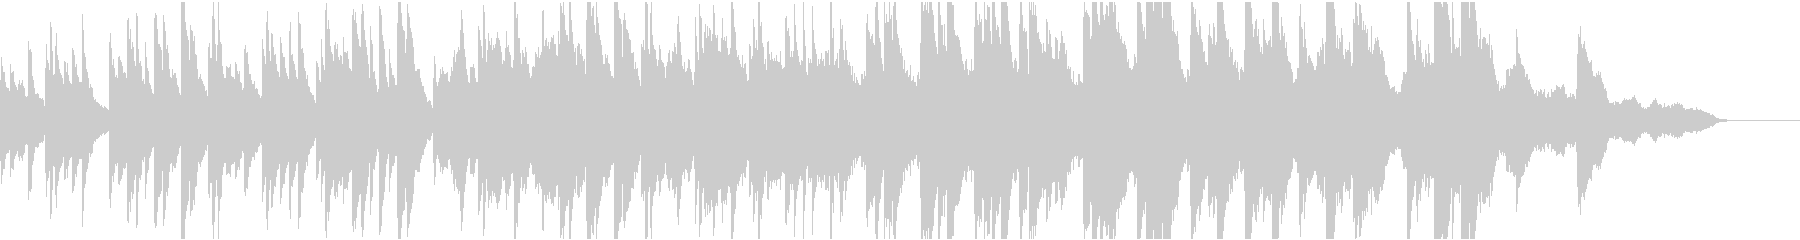 ドラマ8 16bit48kHzVerの未再生の波形